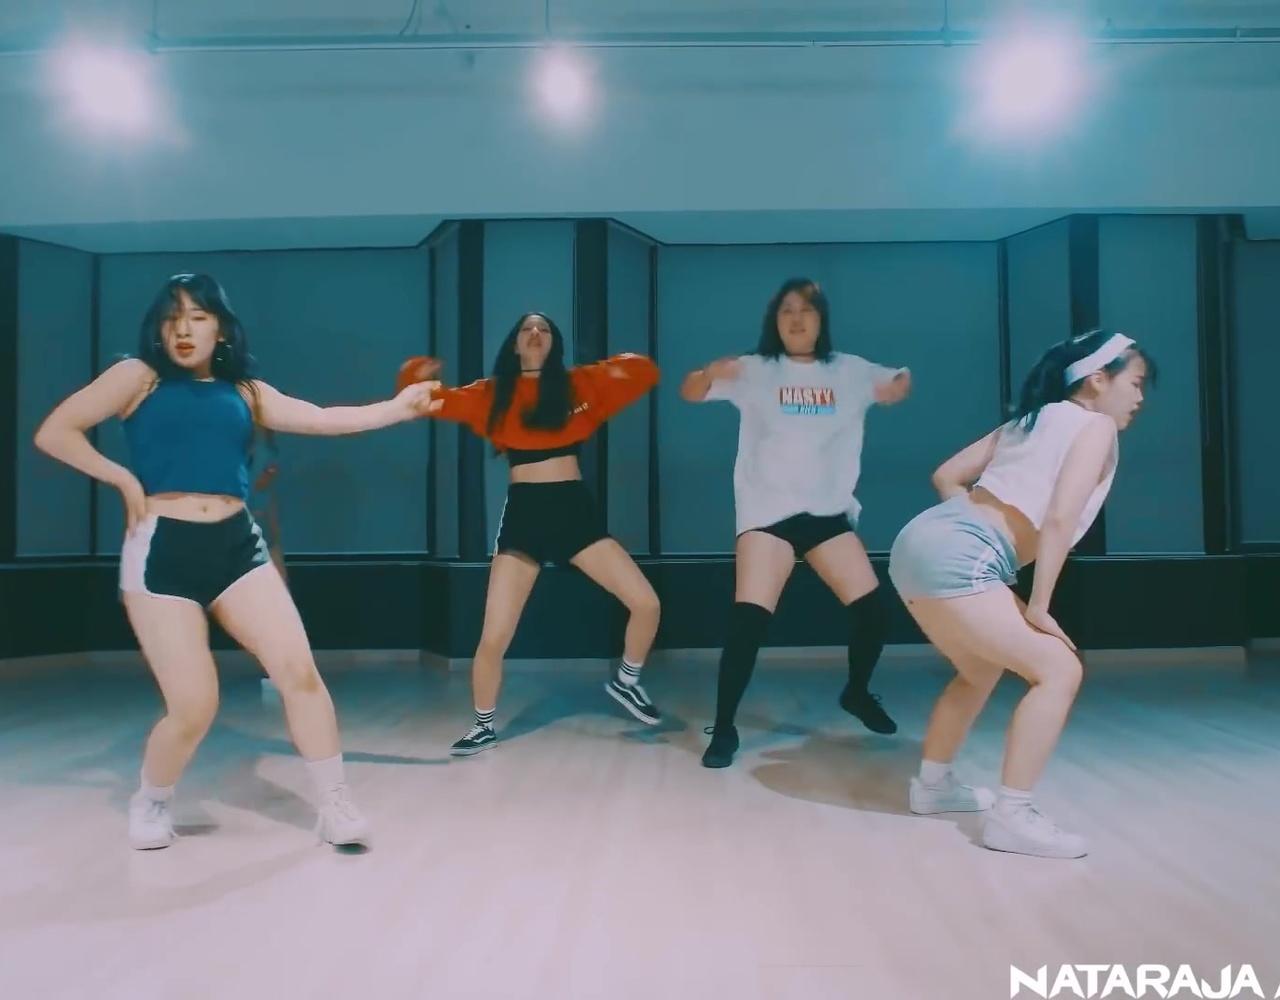 「Nataraja Academy」Gangdrea帅气编舞Iggy Azalea - Mo Bounce